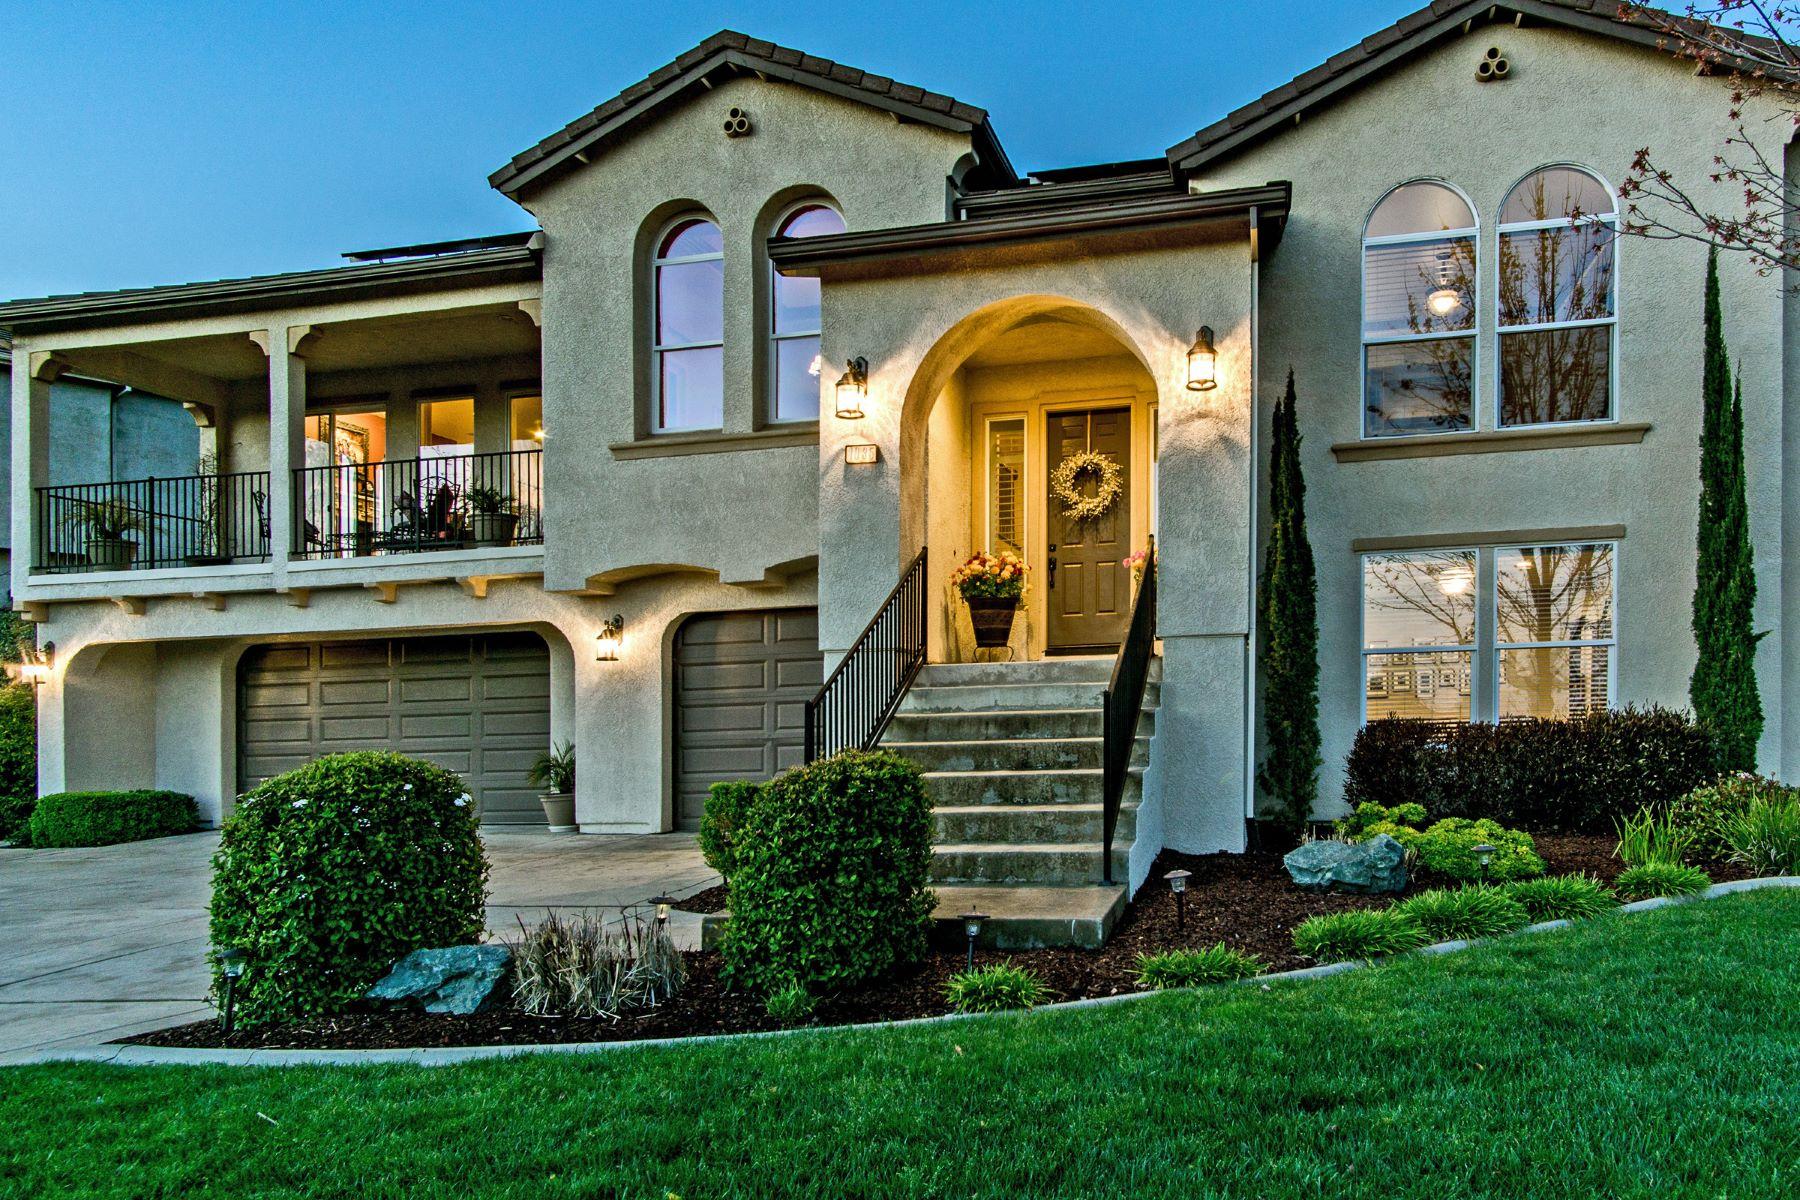 Casa Unifamiliar por un Venta en Pristine Promontory Gem 1035 Venezia Drive El Dorado Hills, California 95762 Estados Unidos